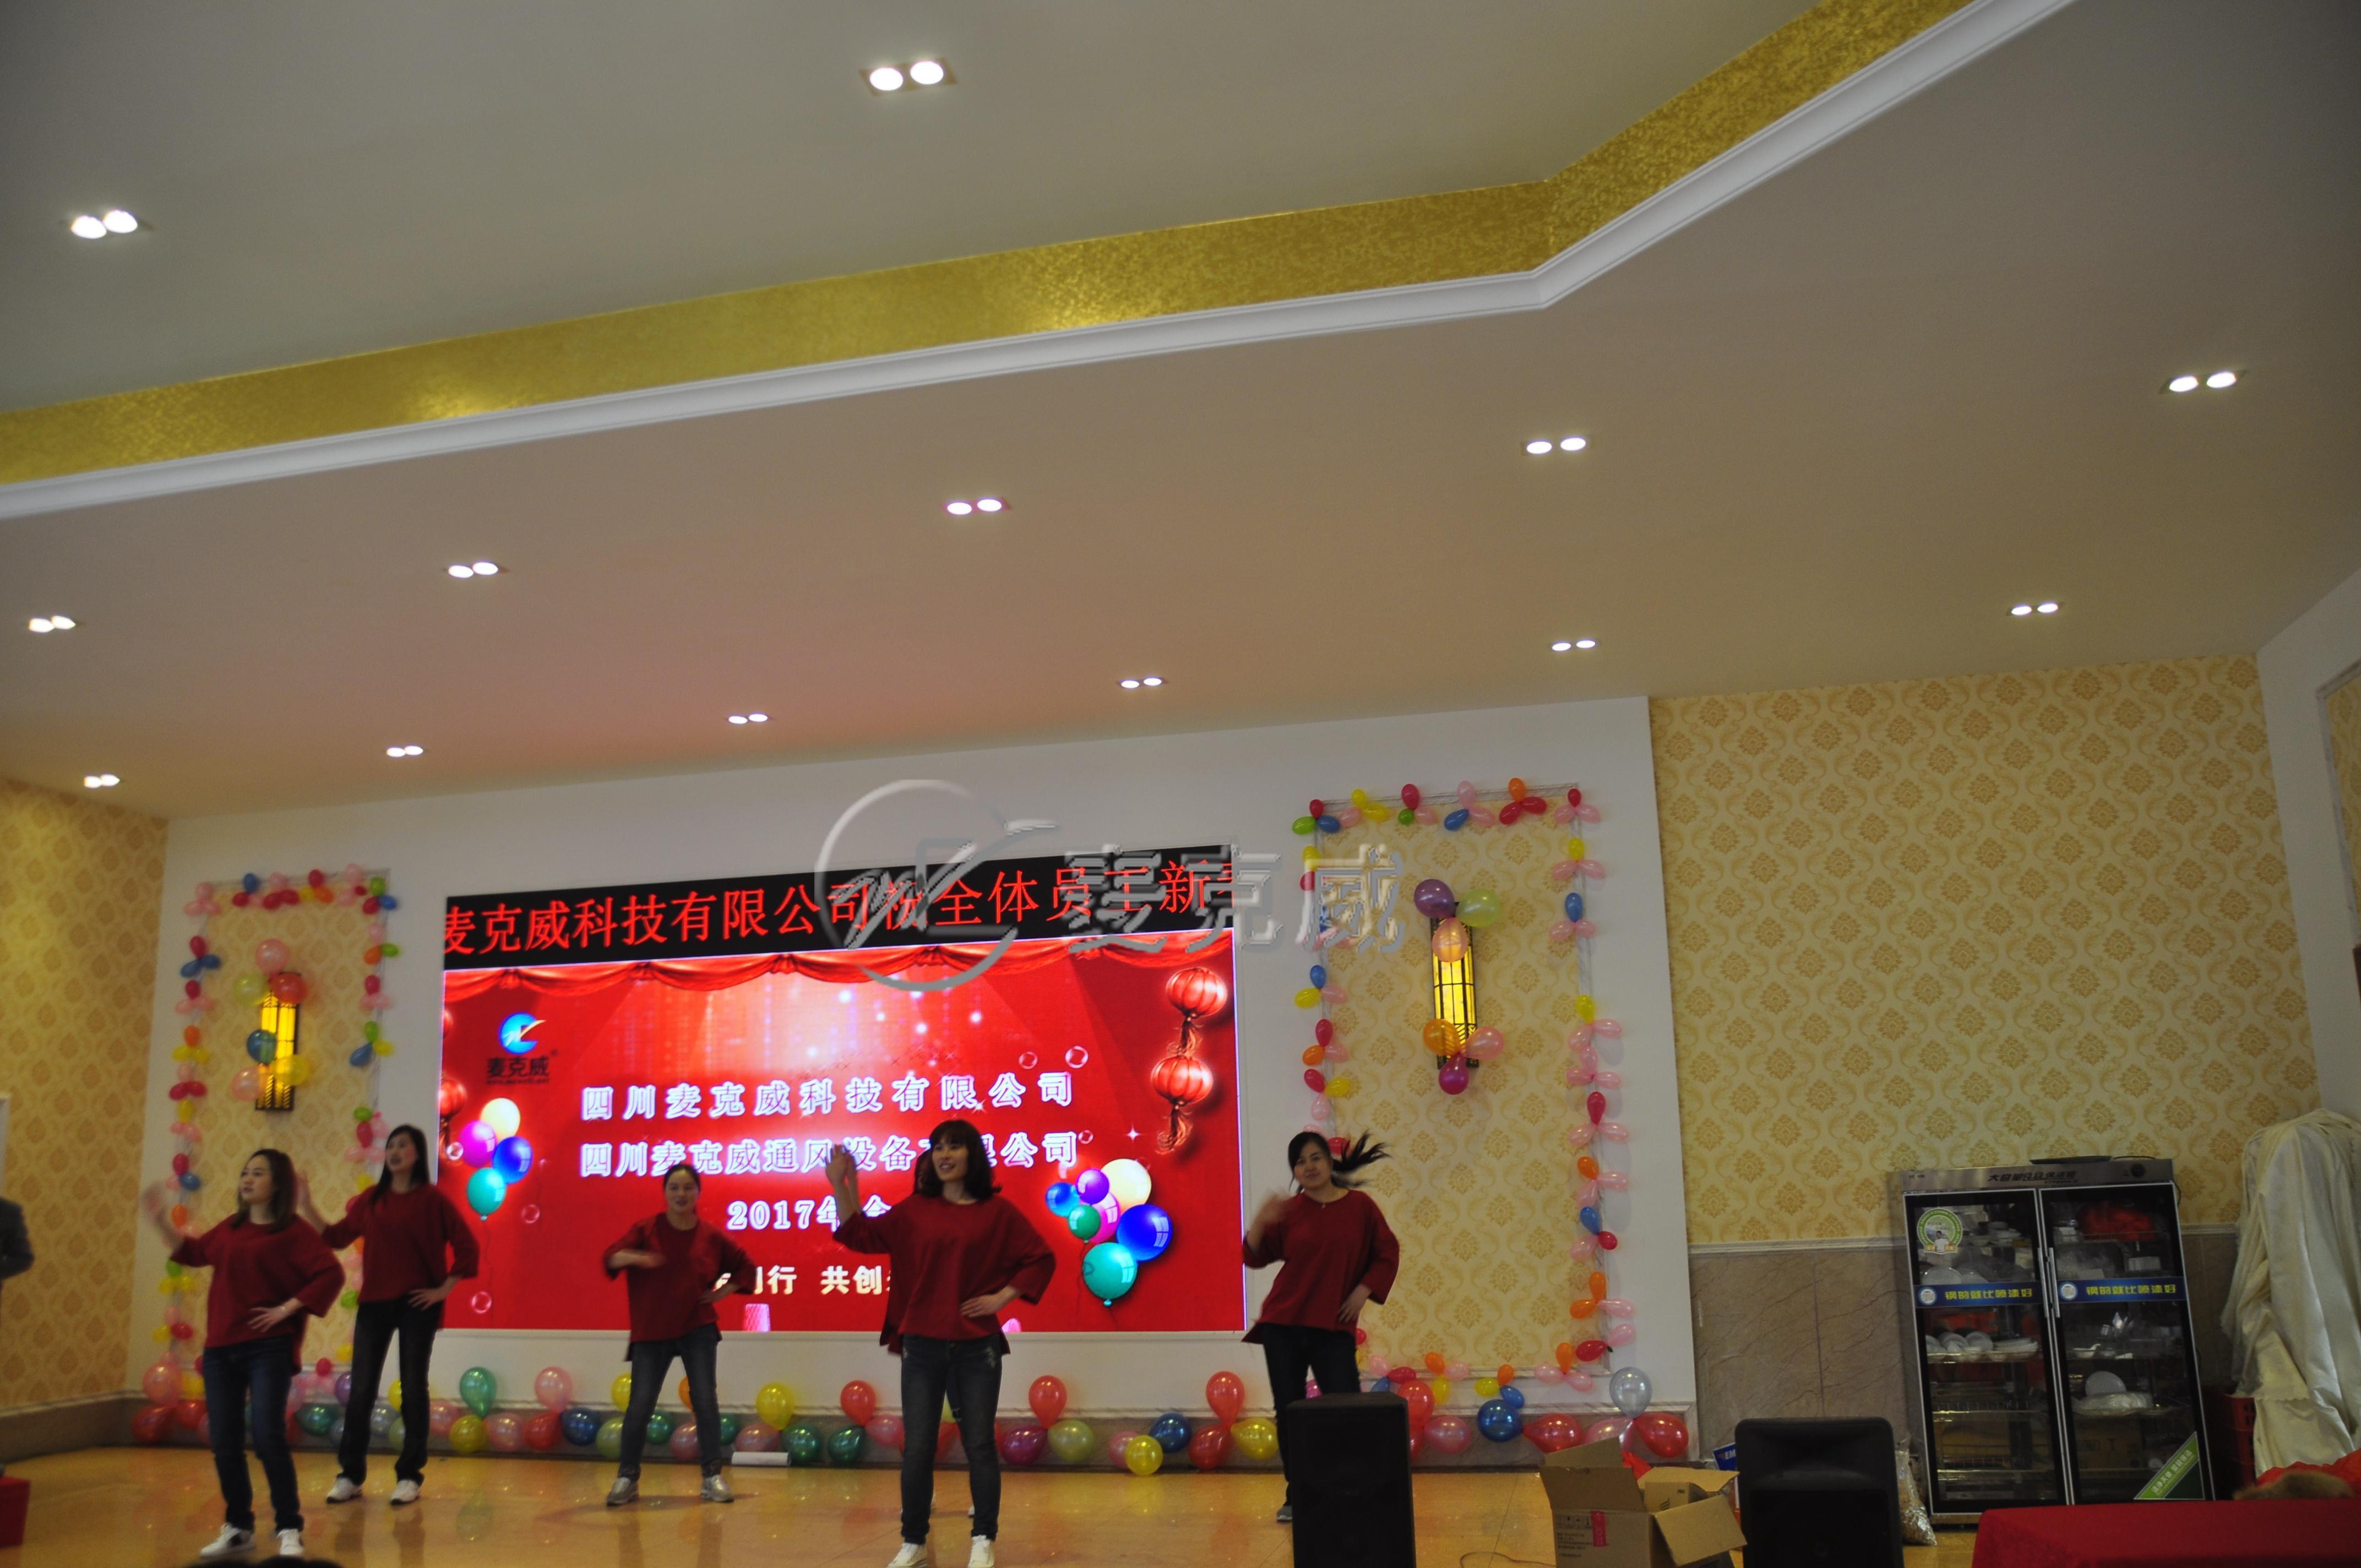 2016麦克威年会,劲歌热舞